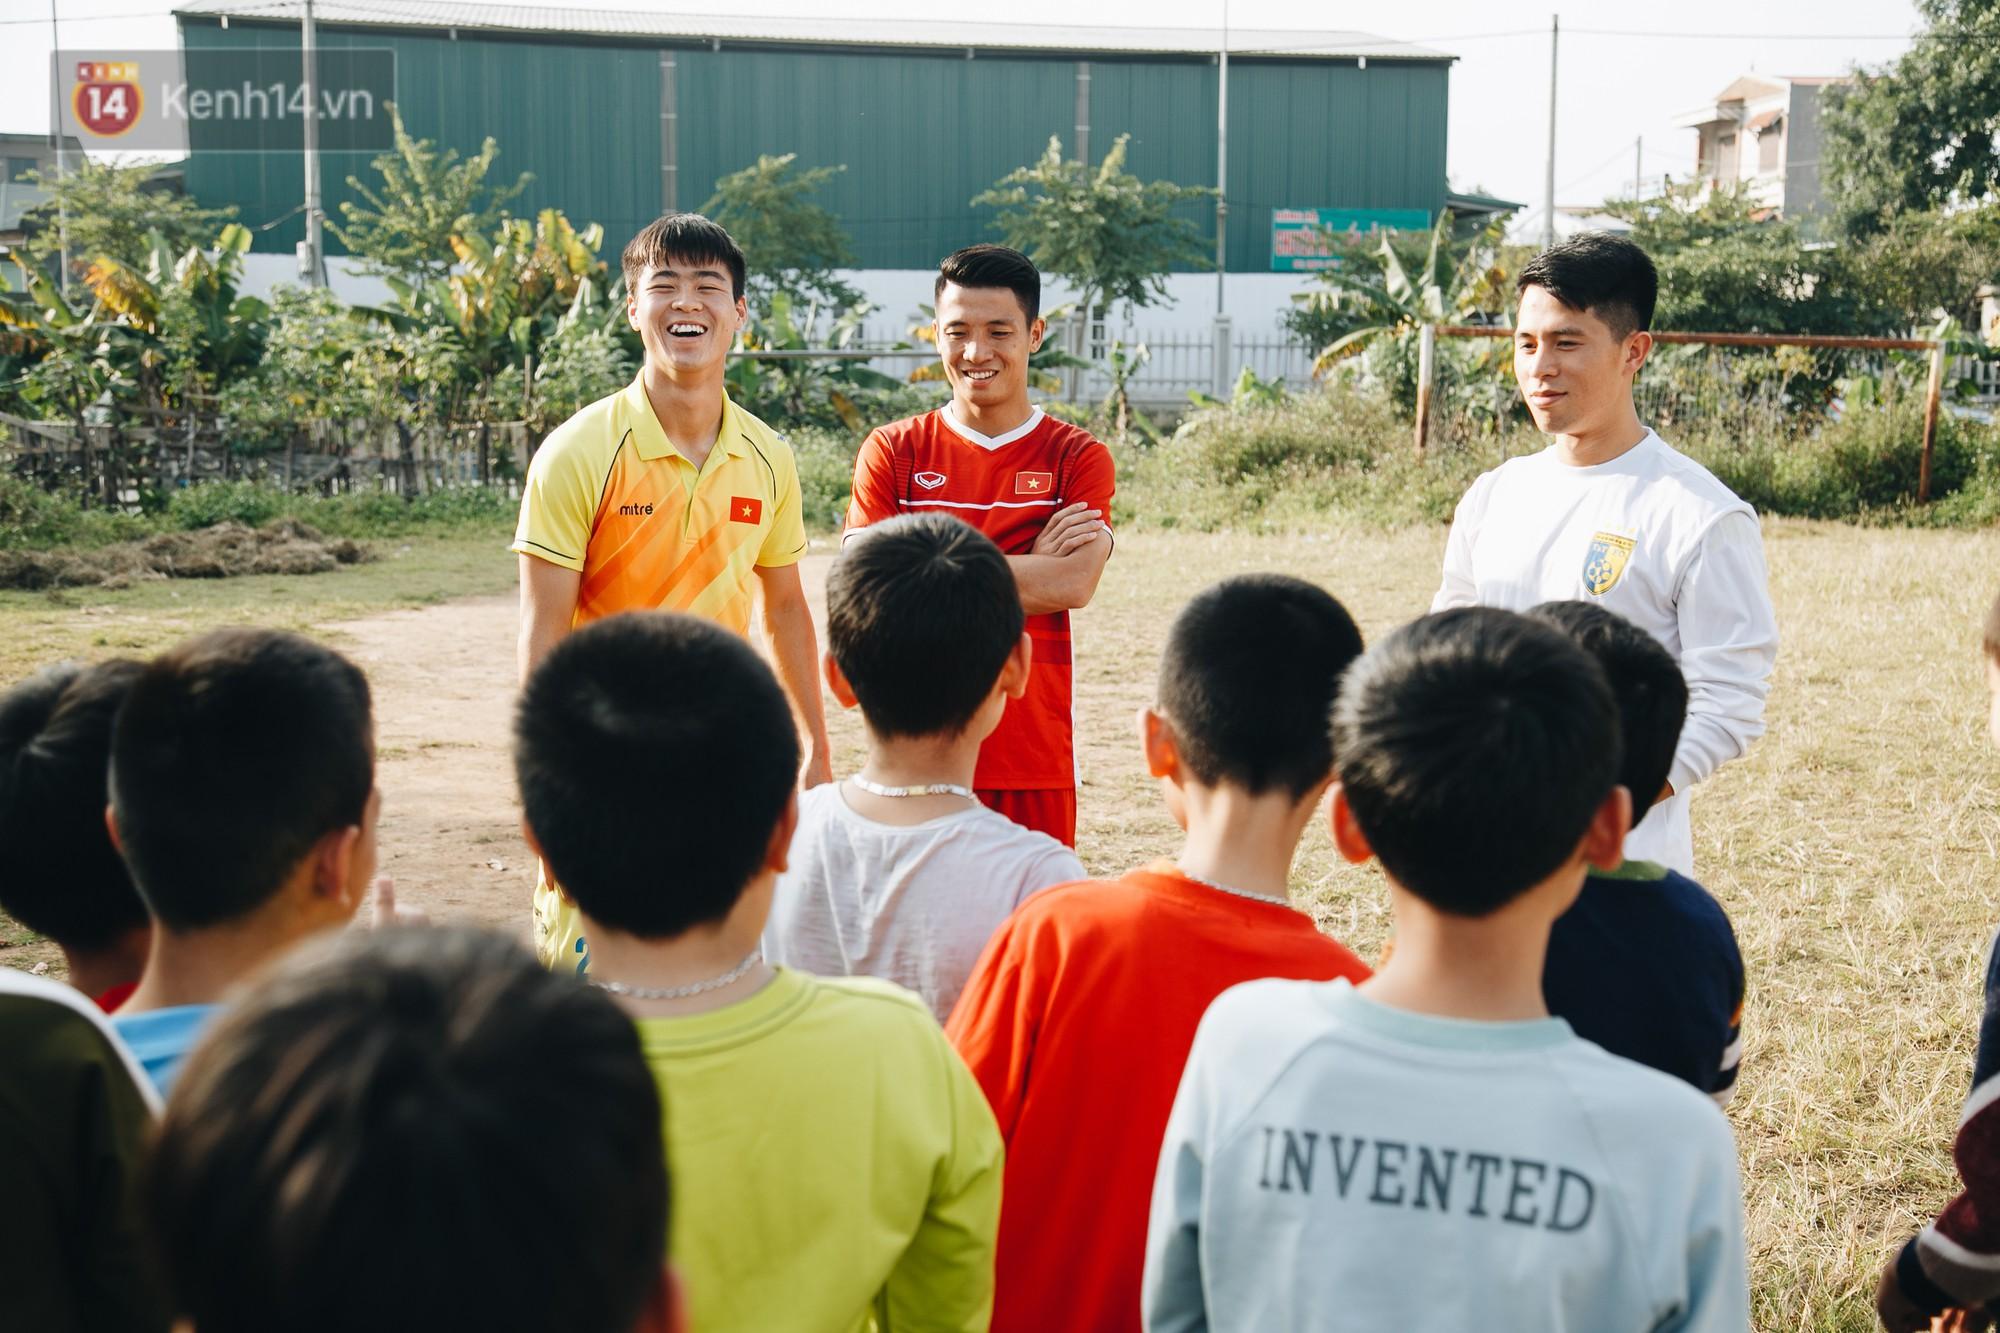 Trận đấu đỉnh cao giữa bộ 3 Duy Mạnh - Đình Trọng - Tiến Dũng với lũ trẻ: Chưa bao giờ thôn Giao Tác có cảm giác vỡ oà đến thế! - Ảnh 7.